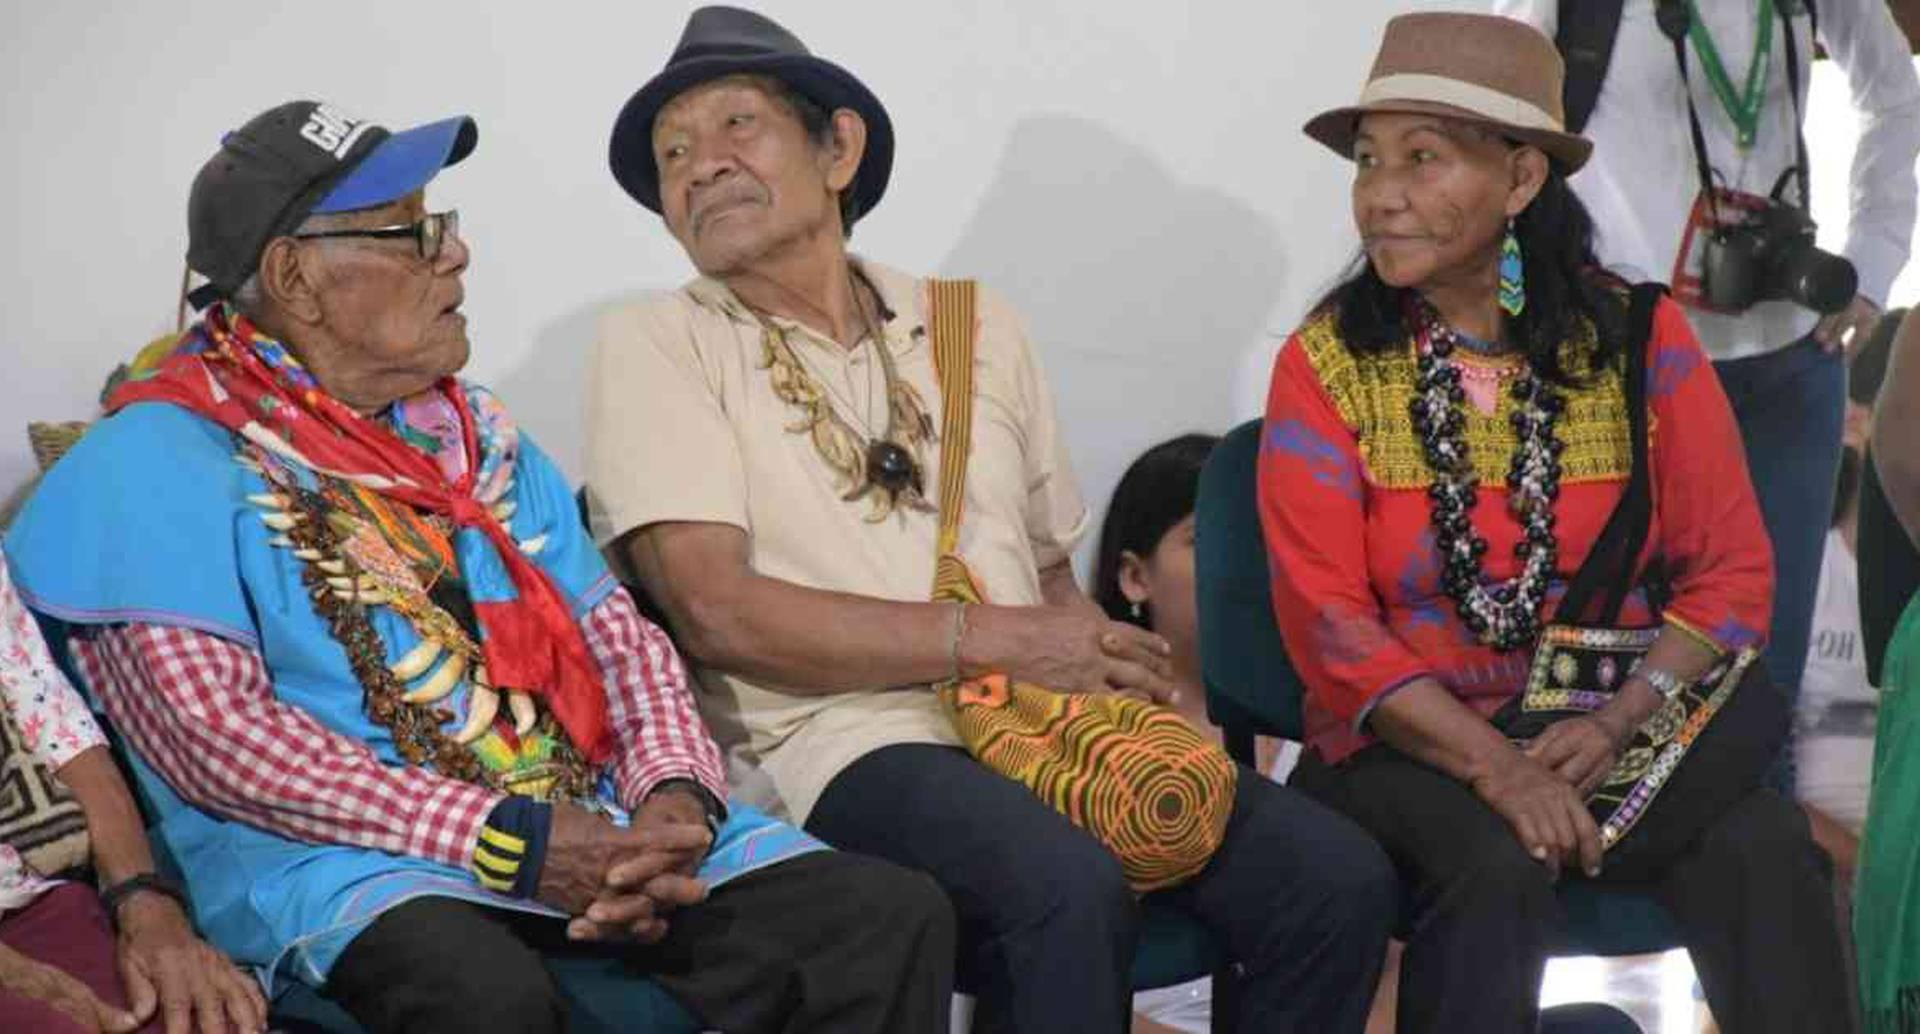 Los abuelos y abuelas indígenas basaron sus peticiones en el mandato ancestral y el incumplimiento del Gobierno a sus derechos. Foto cortesía: Ficamazonía.